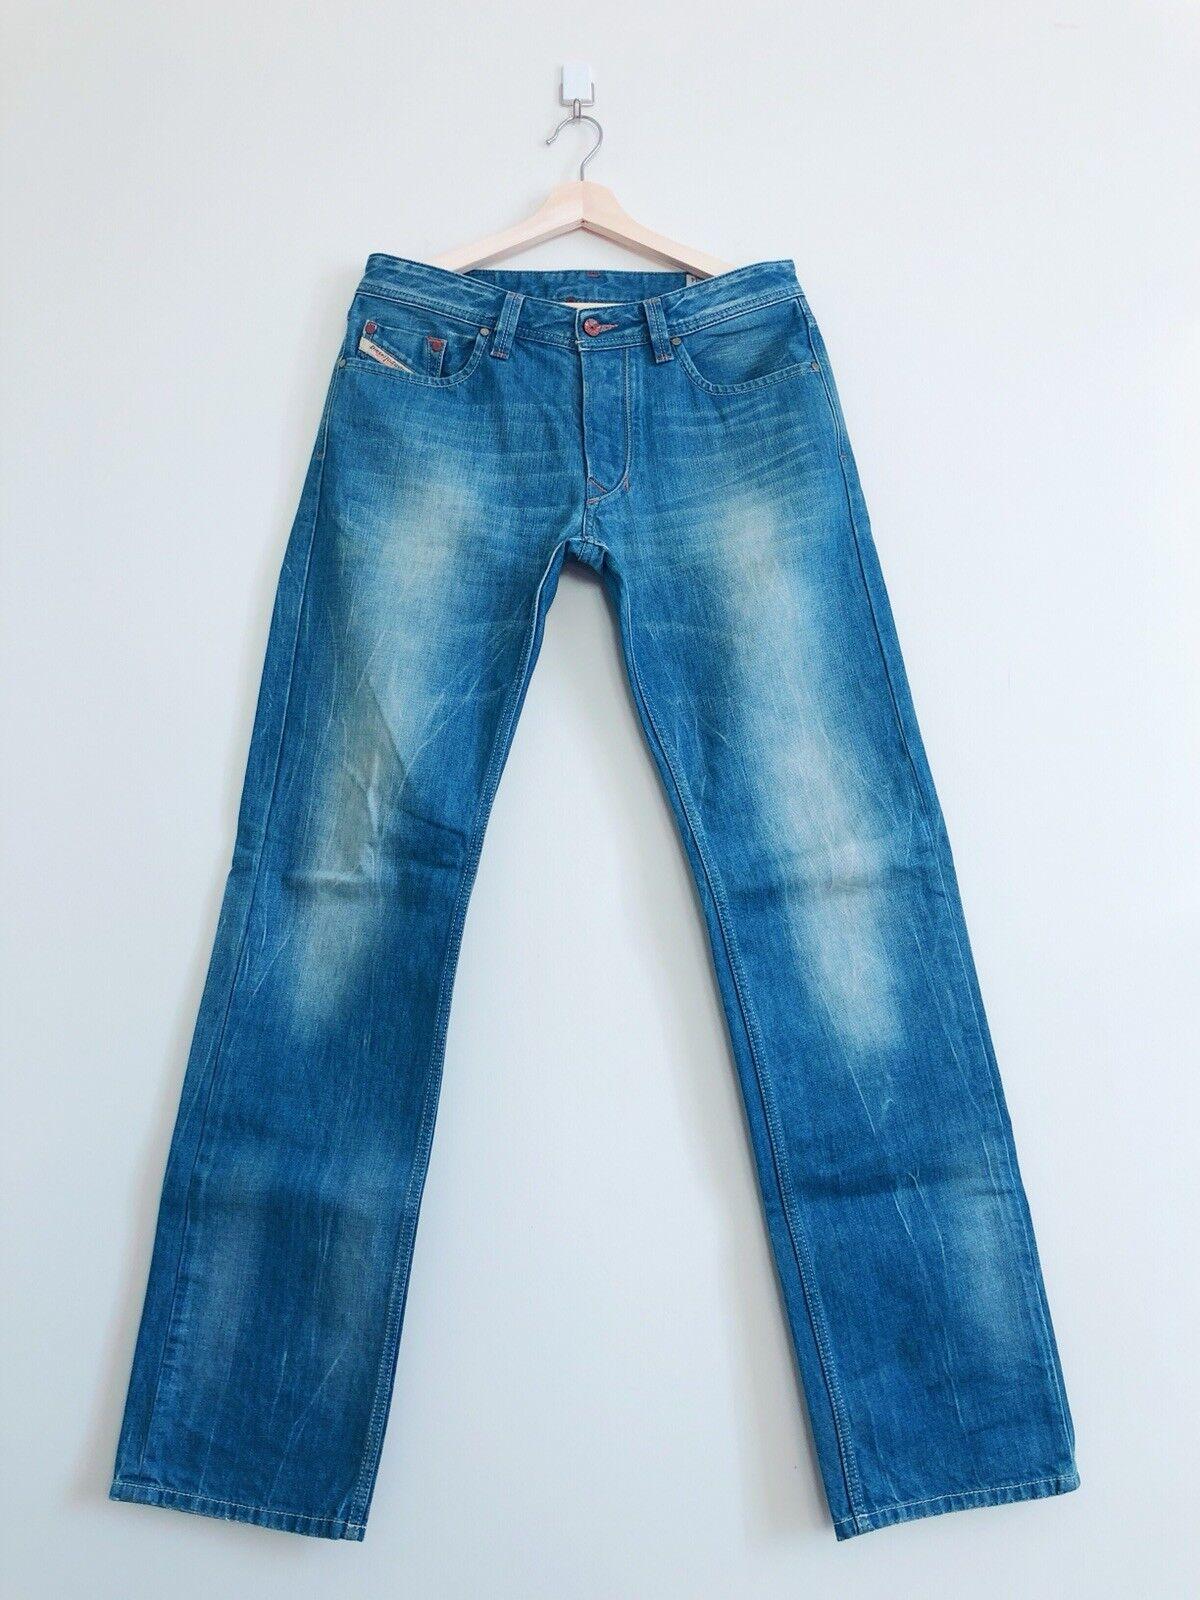 Diesel Men's Larkee Jeans, bluee, 31 x 34